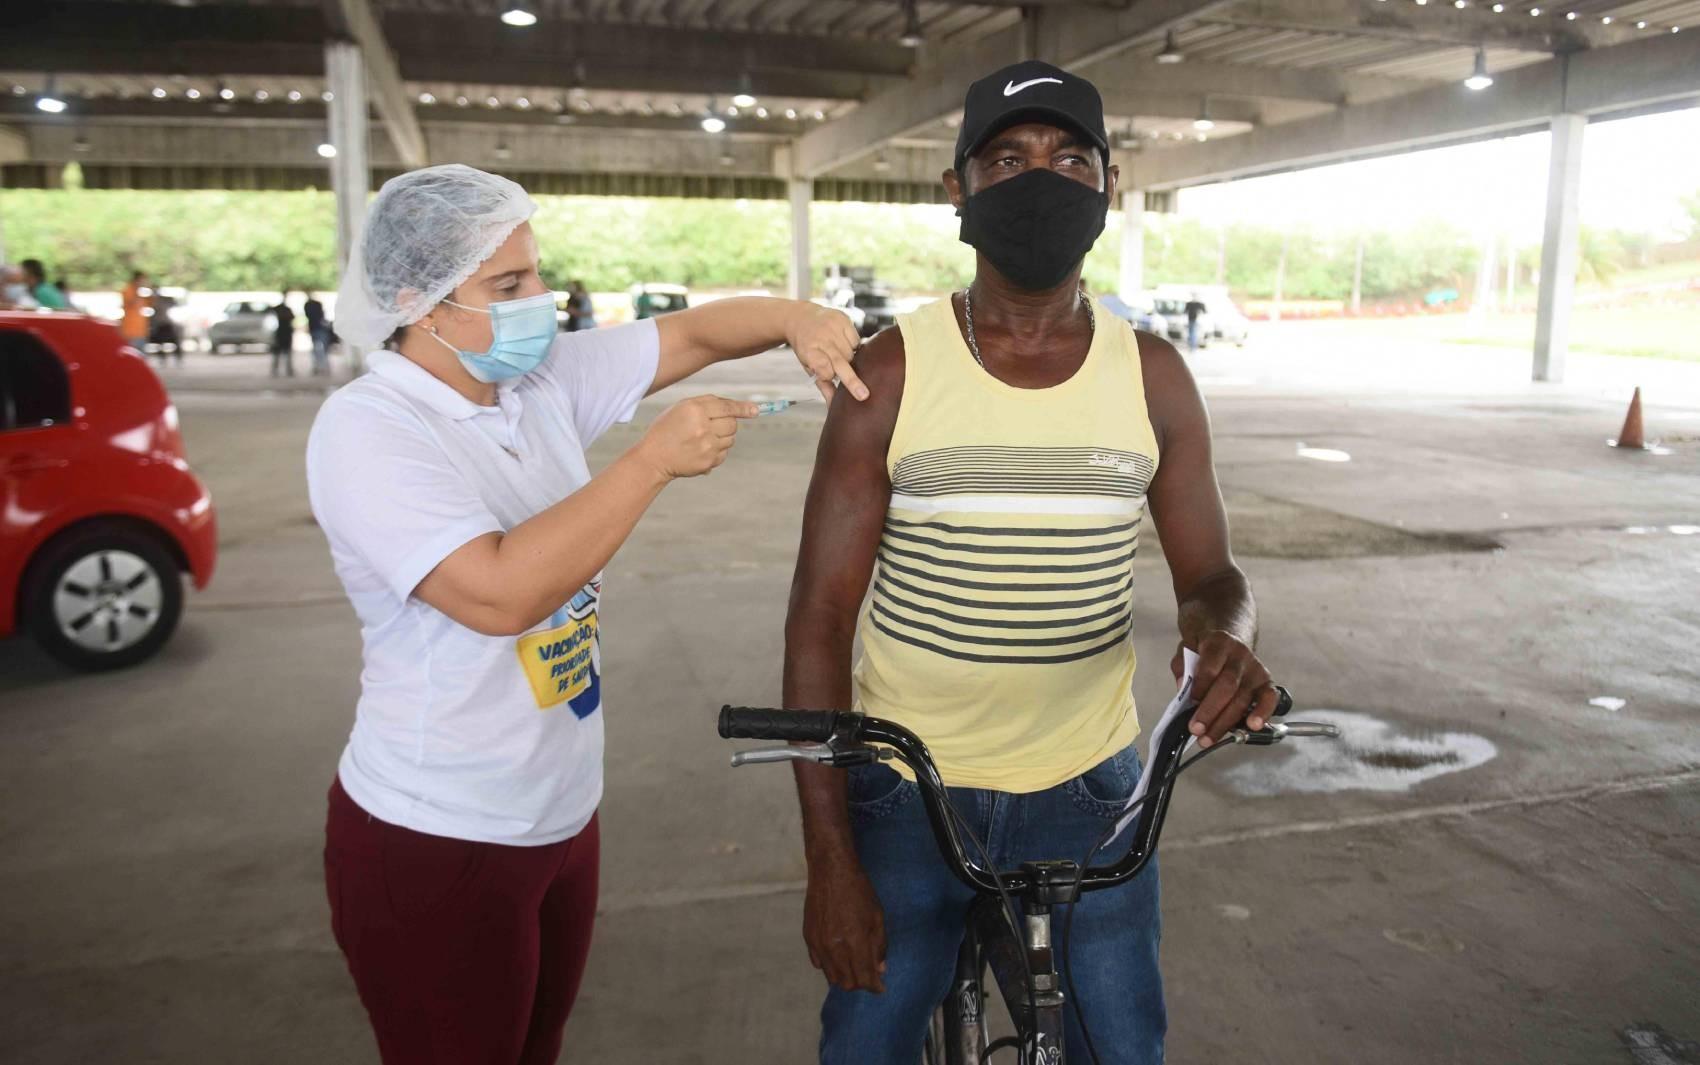 Agendamento por hora marcada é retomado na quarta em Salvador; 2ª dose da CoronaVac é suspensa nos postos por demanda aberta